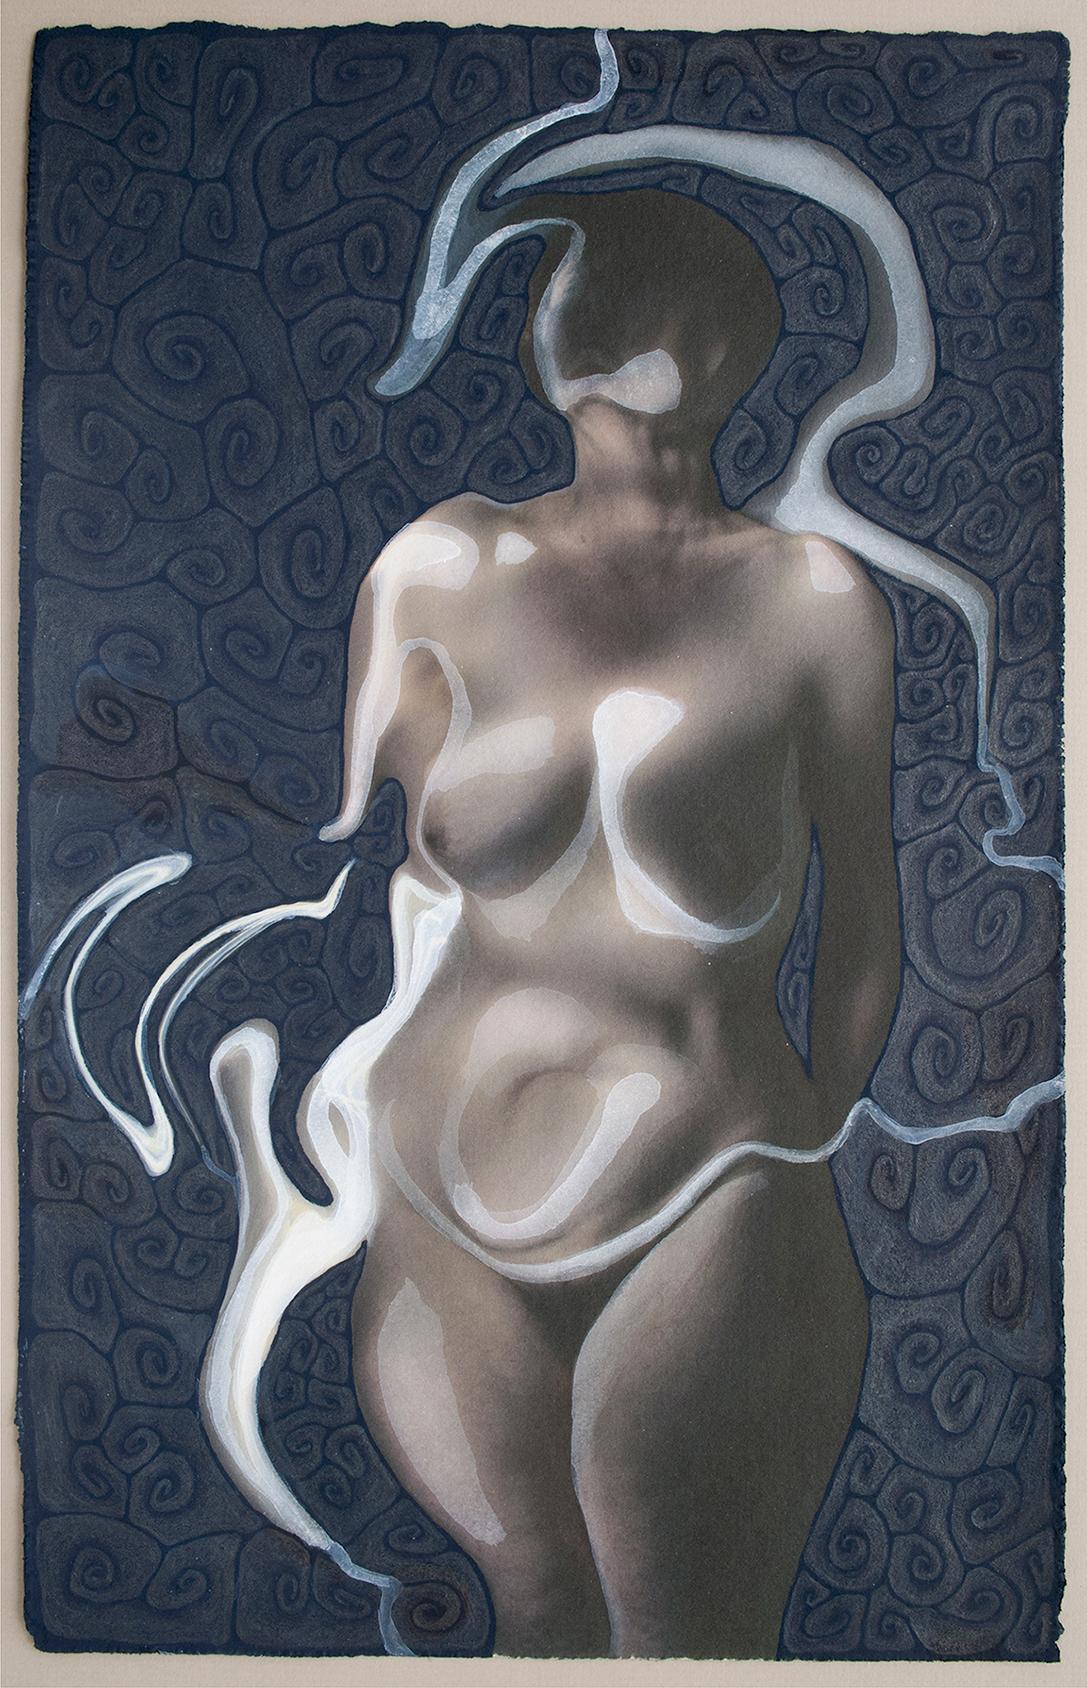 Illumination #4 (2013)